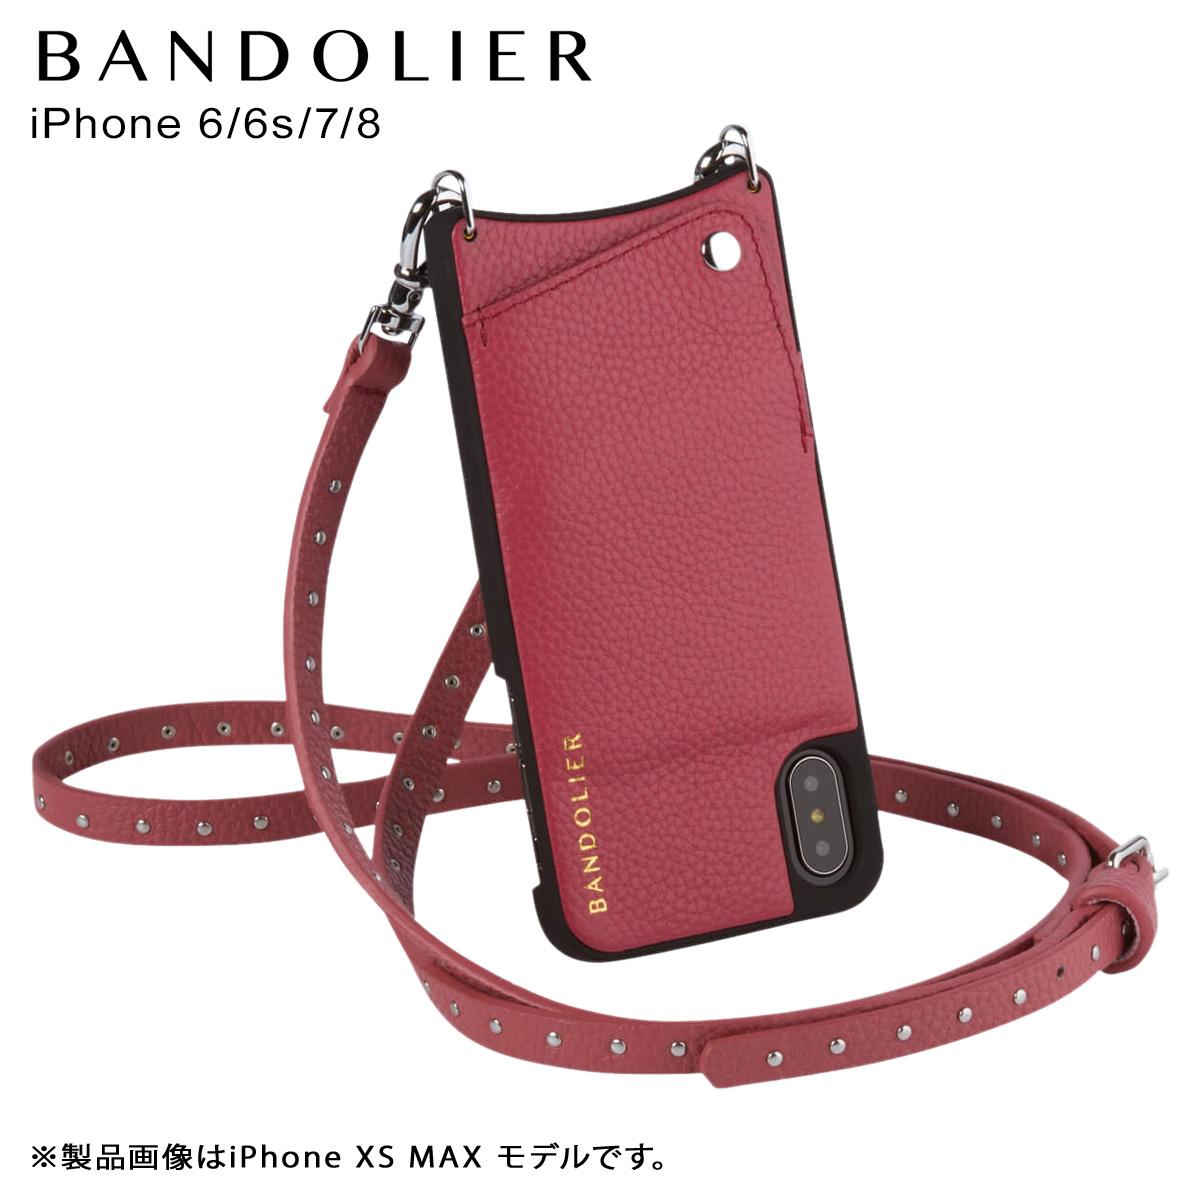 BANDOLIER iPhone 8 7 6s 6 NICOLE MAGENTA RED バンドリヤー ケース ショルダー スマホ アイフォン レザー メンズ レディース マゼンタ レッド 10NIC1001